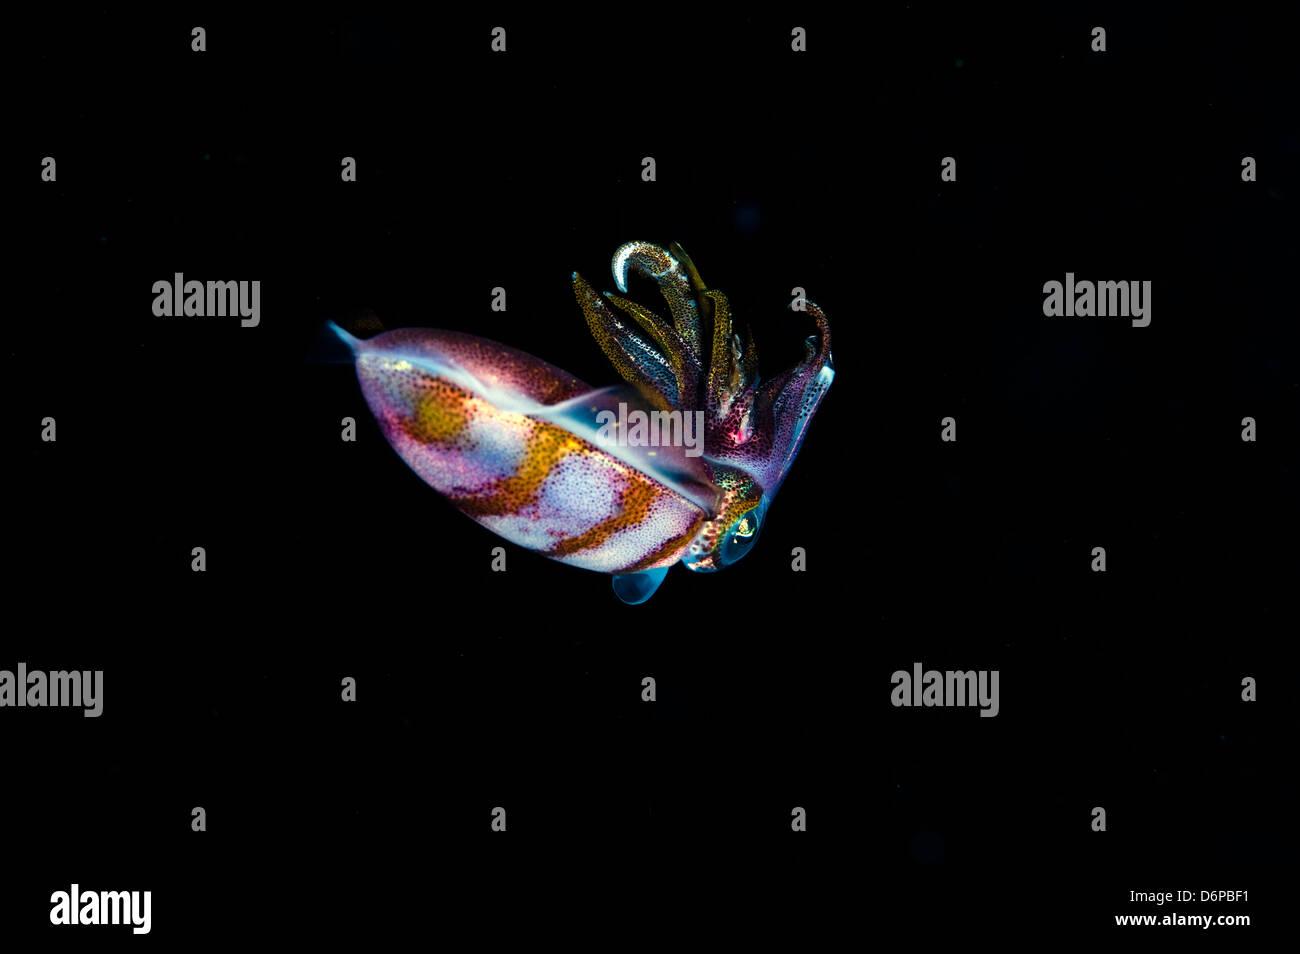 Caribbean reef squid (Sepioteuthis sepioidea), Dominica, West Indies, Caribbean, Central America - Stock Image